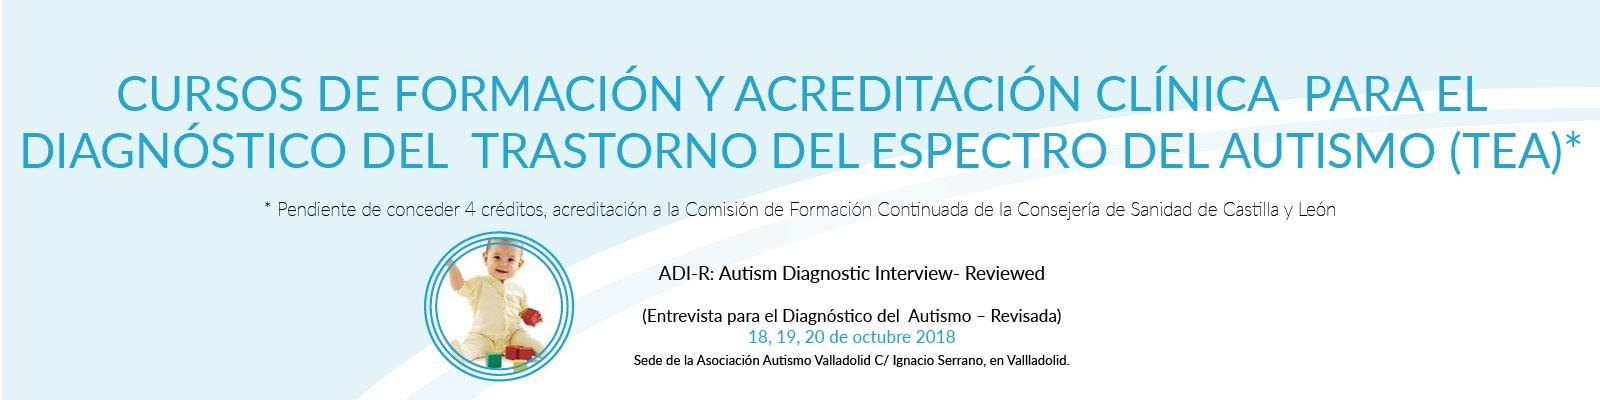 Curso de formación ADI-R, diagnóstico autismo